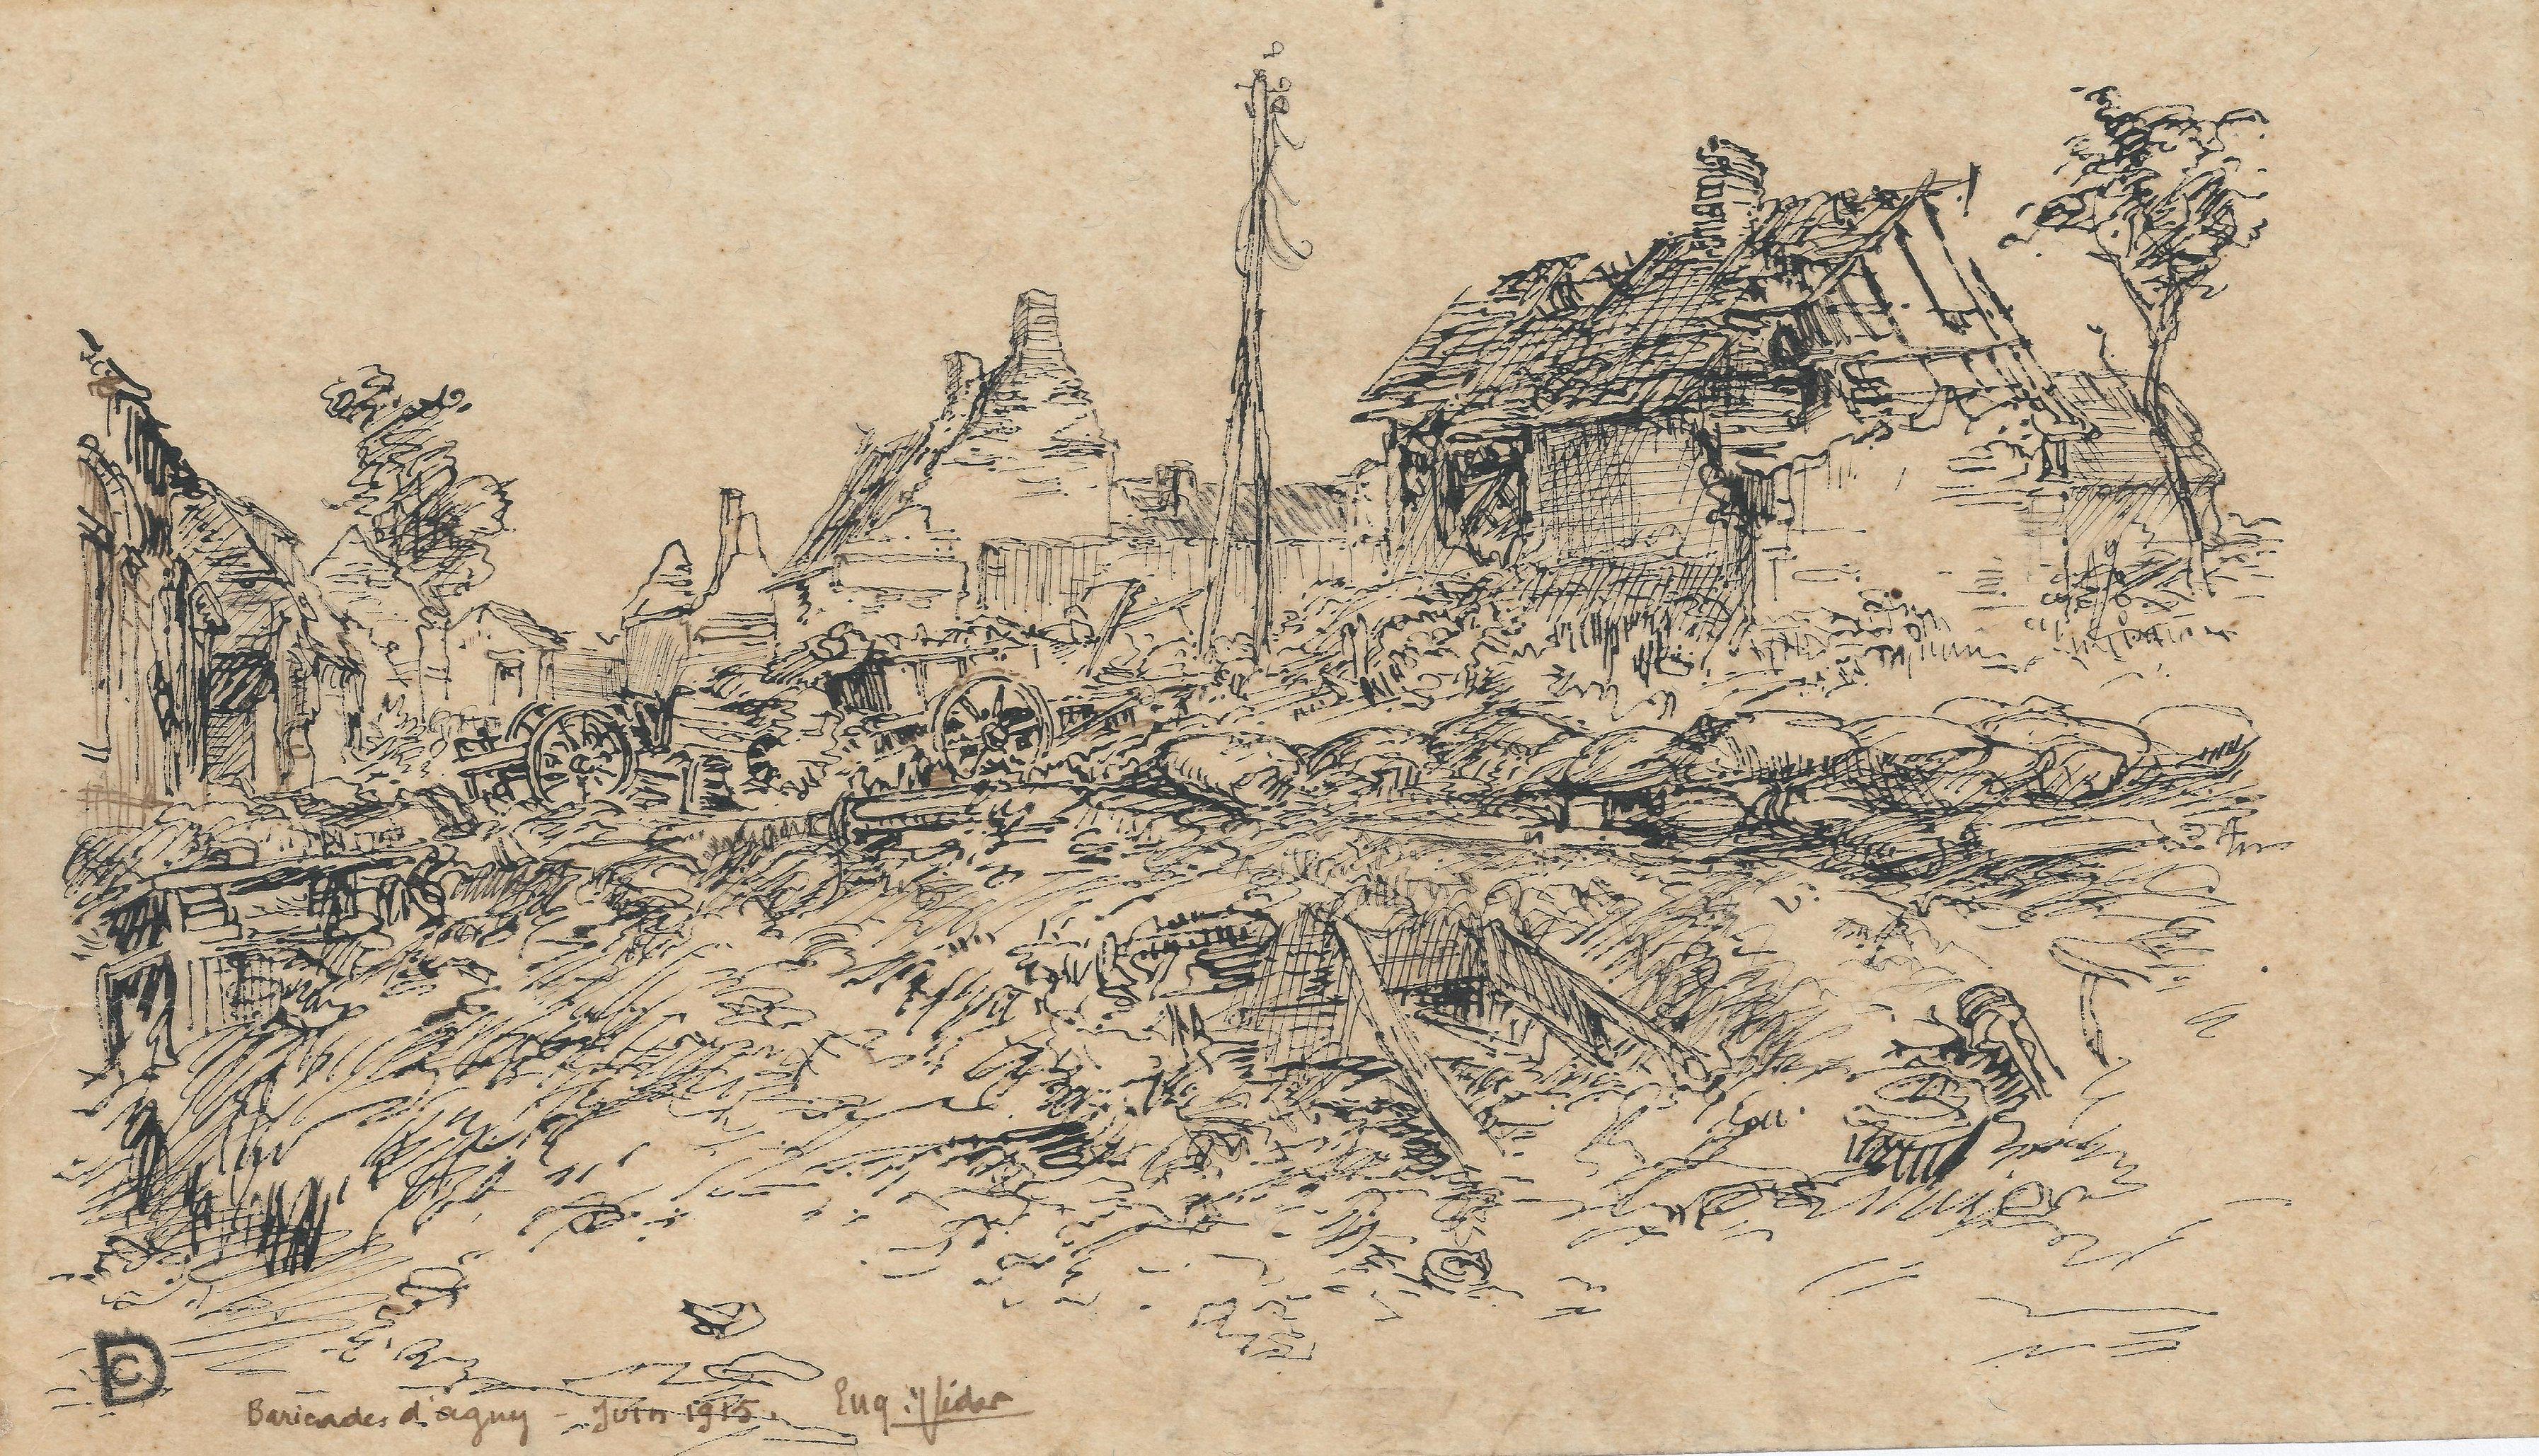 Eugène Veder – Barricadas d'Agny